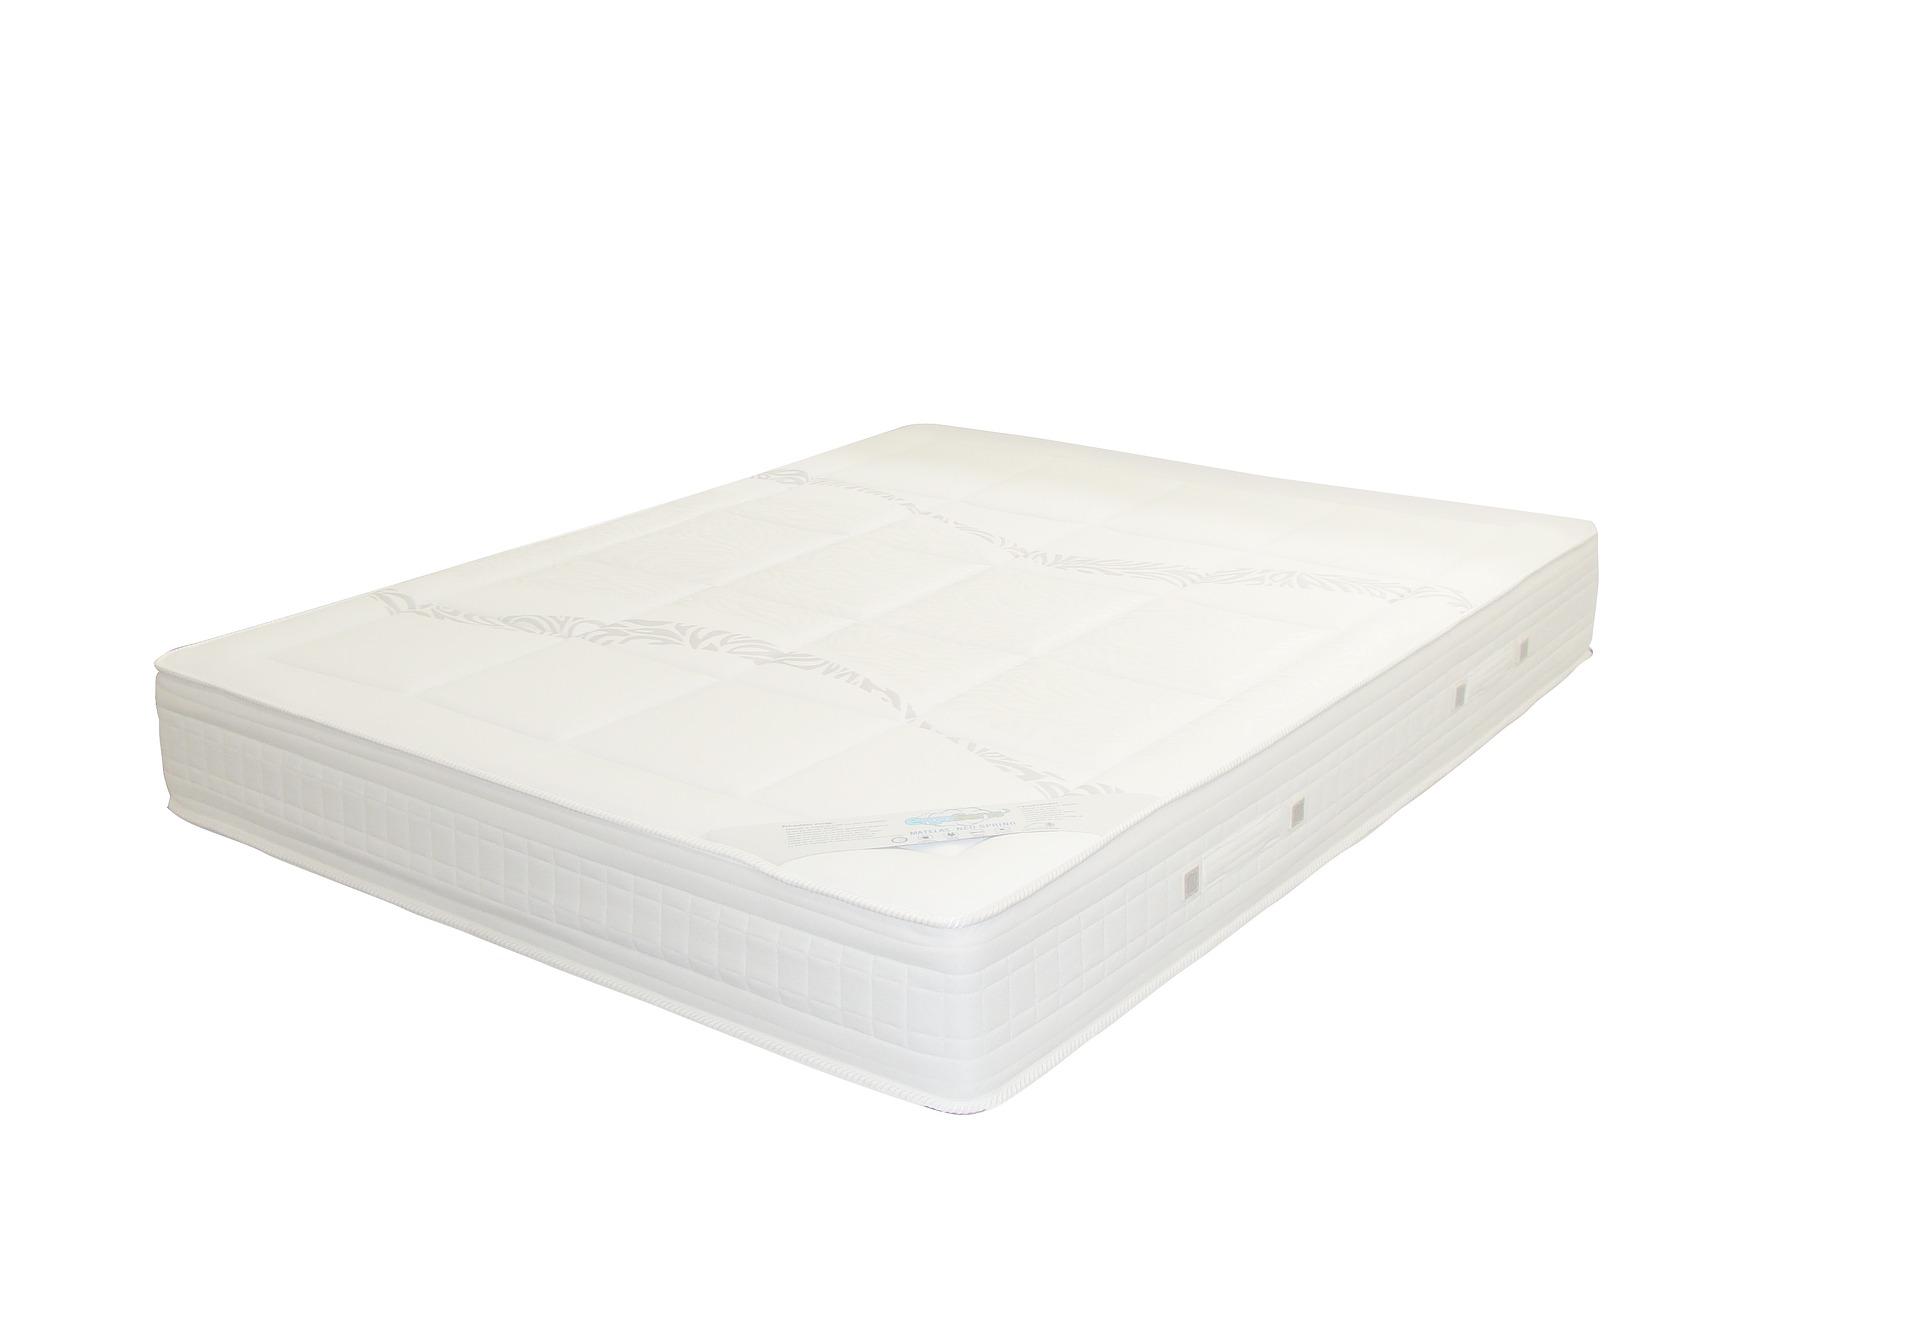 mattress-2029190_1920